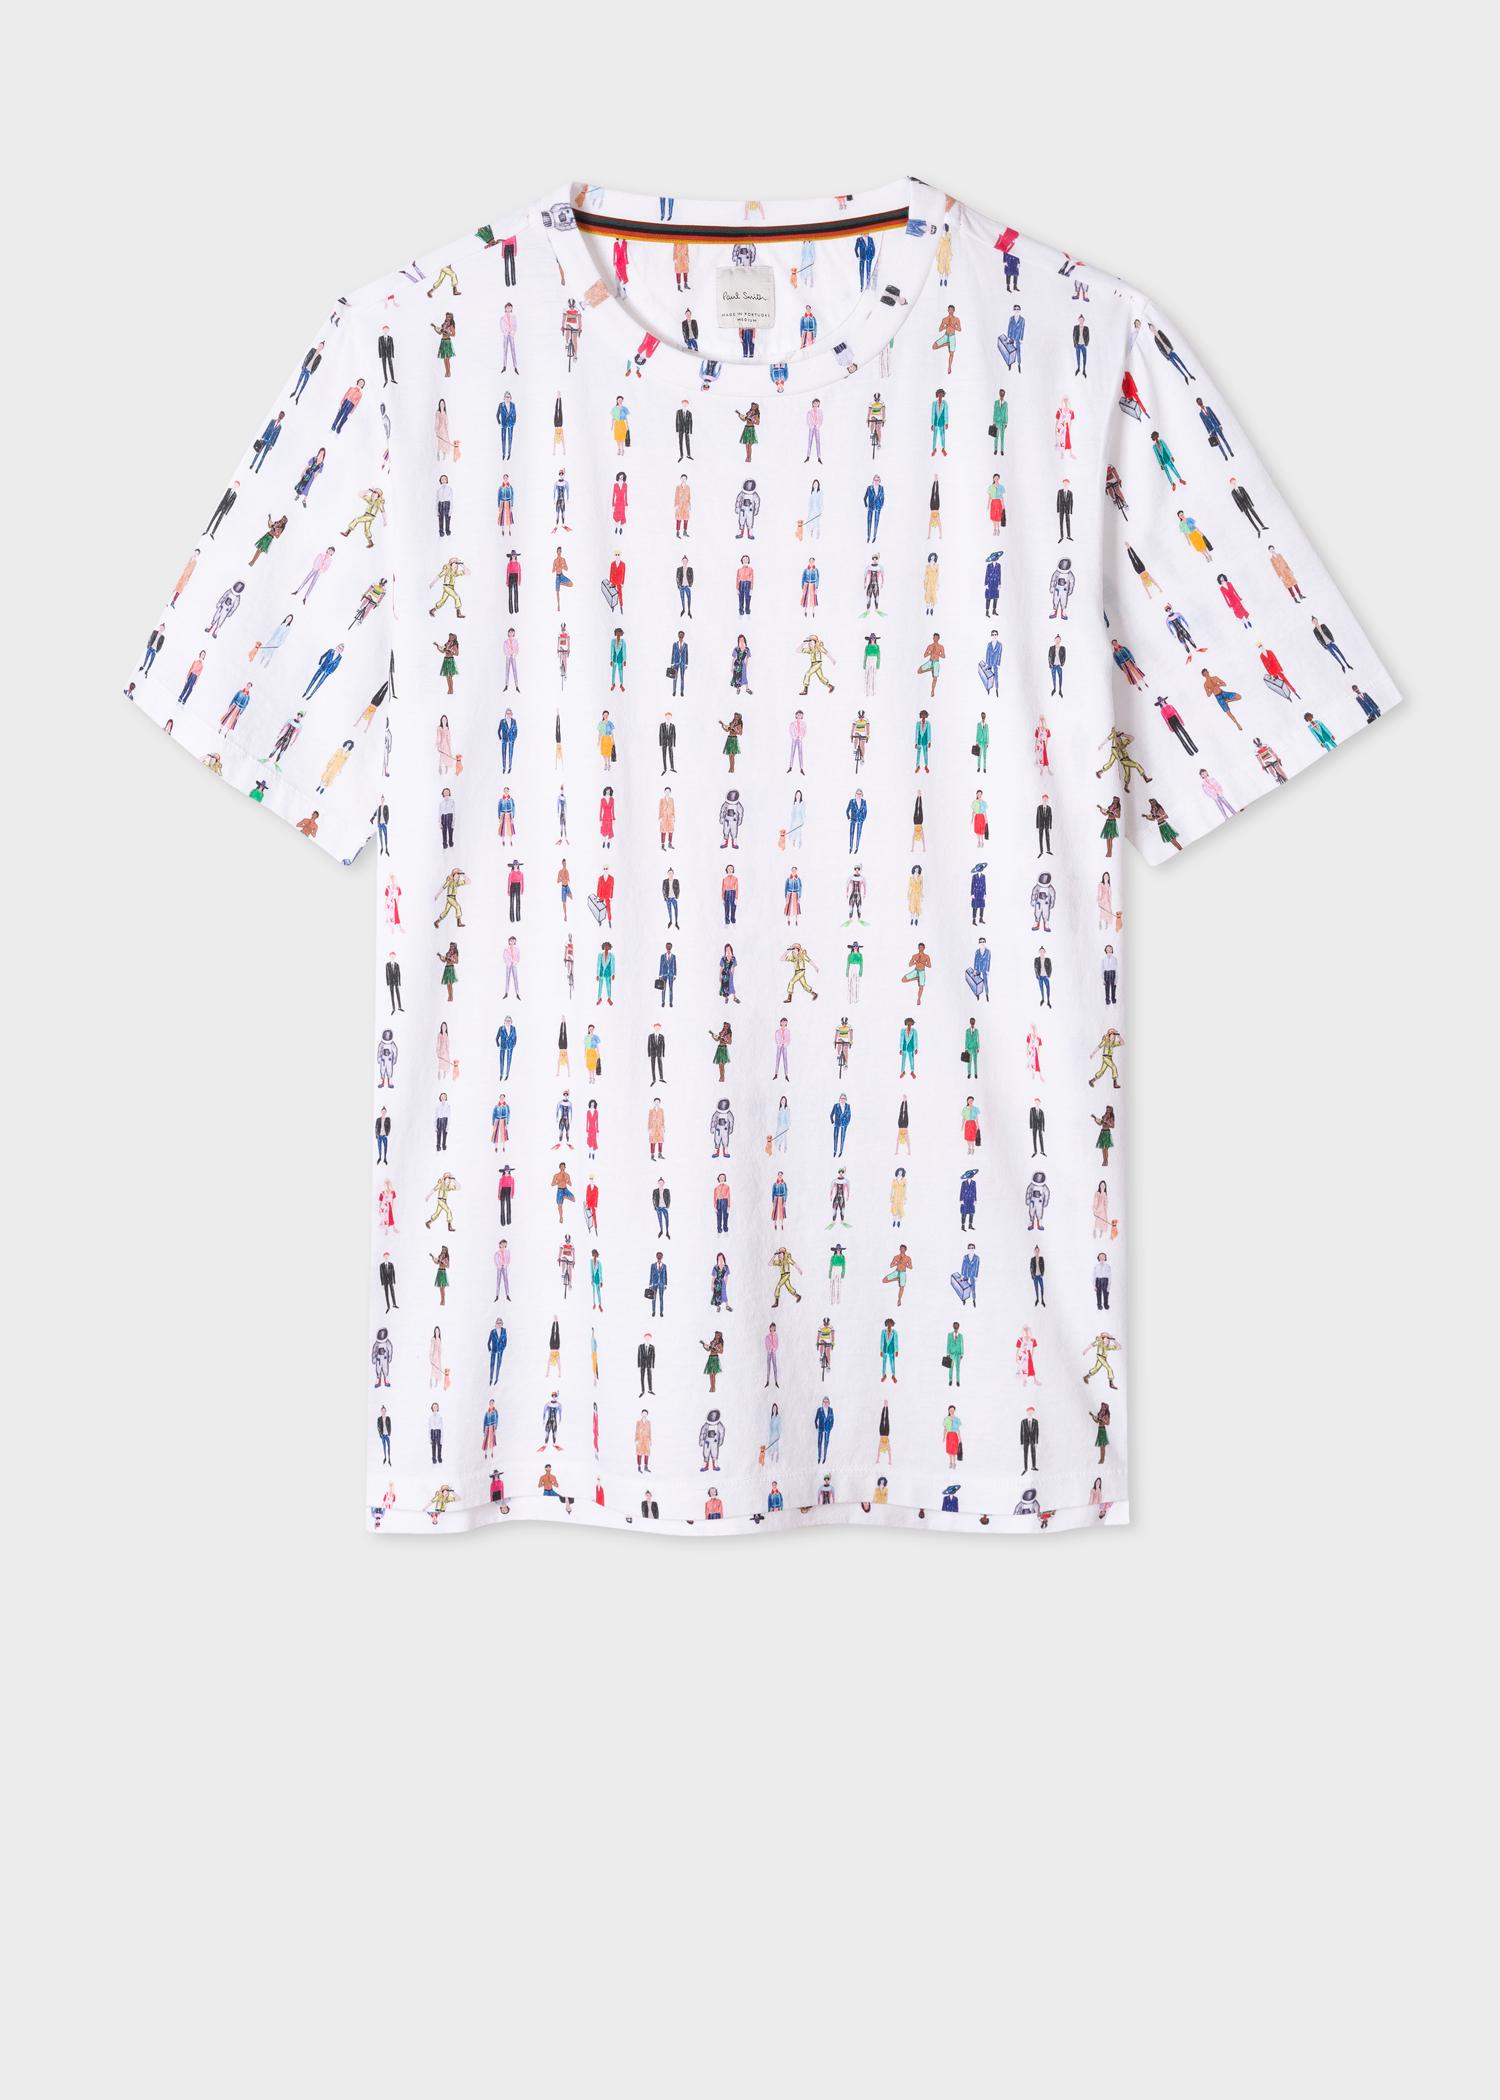 353cfbbcb25 Vue de face - Tee-shirt Homme Motif  People  En Coton Paul Smith